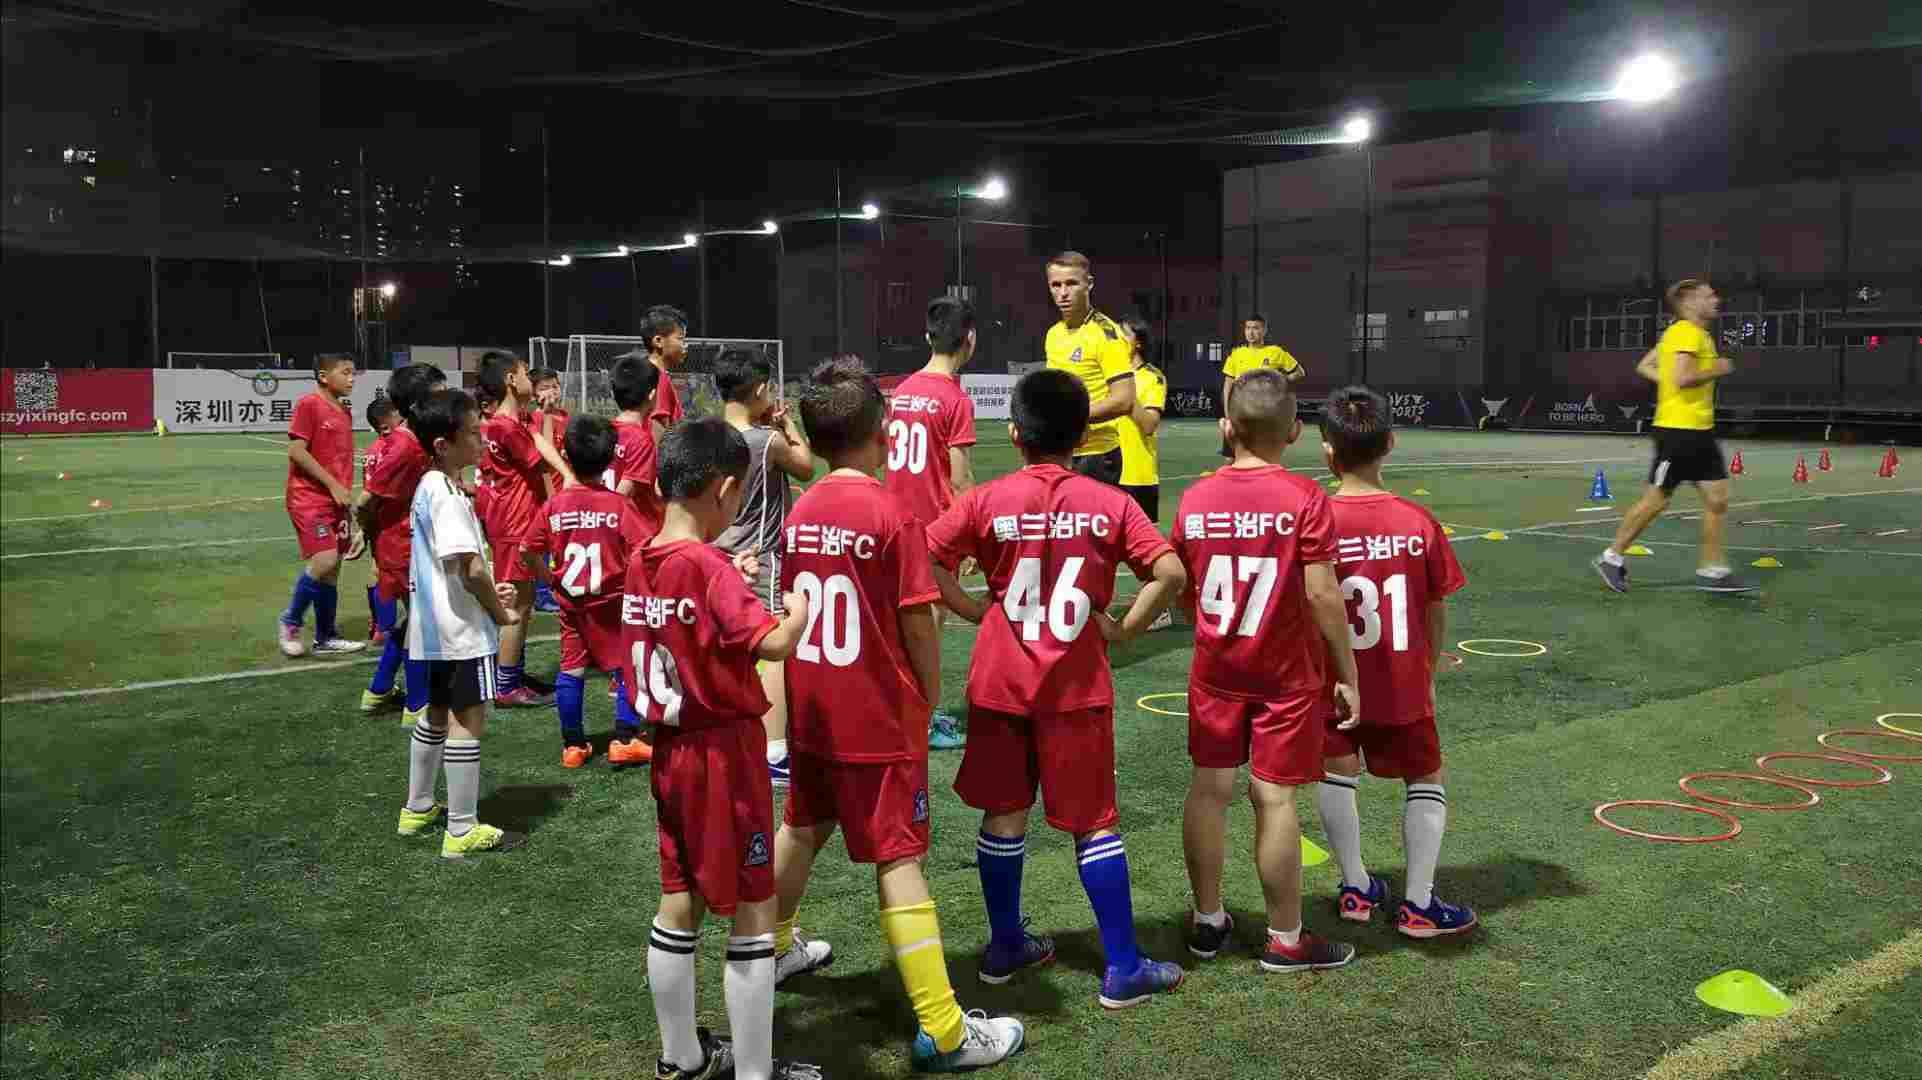 寶安專業球員管理系統多重優惠「奧蘭治體育產業(深圳)供應」